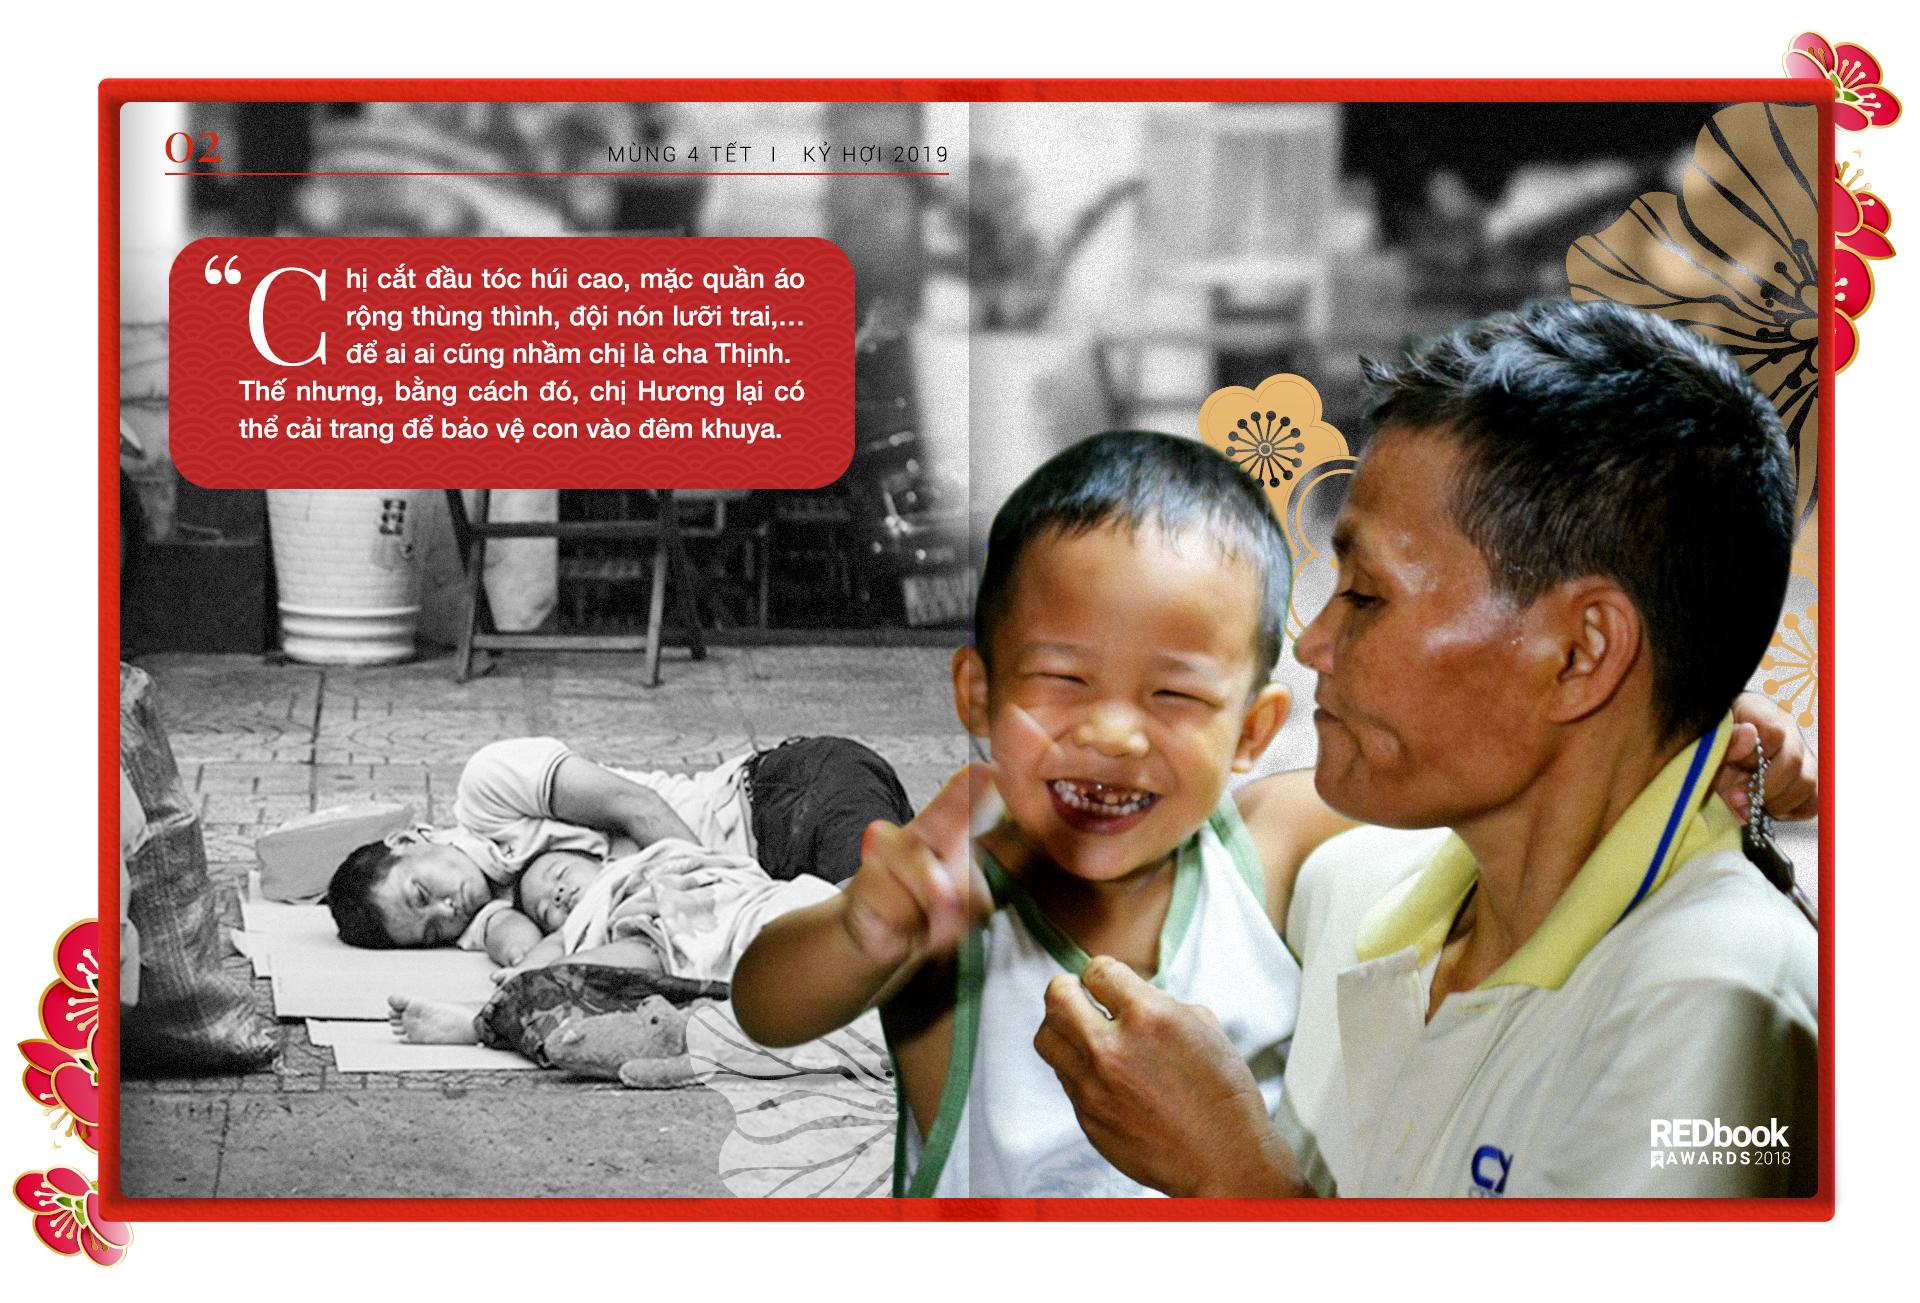 REDbook Tết Kỷ Hợi - Ngôi sao mùng 4 Tết: Cậu bé hôn mẹ trên chiếc xe đầy ve chai và tình mẫu tử thiêng liêng